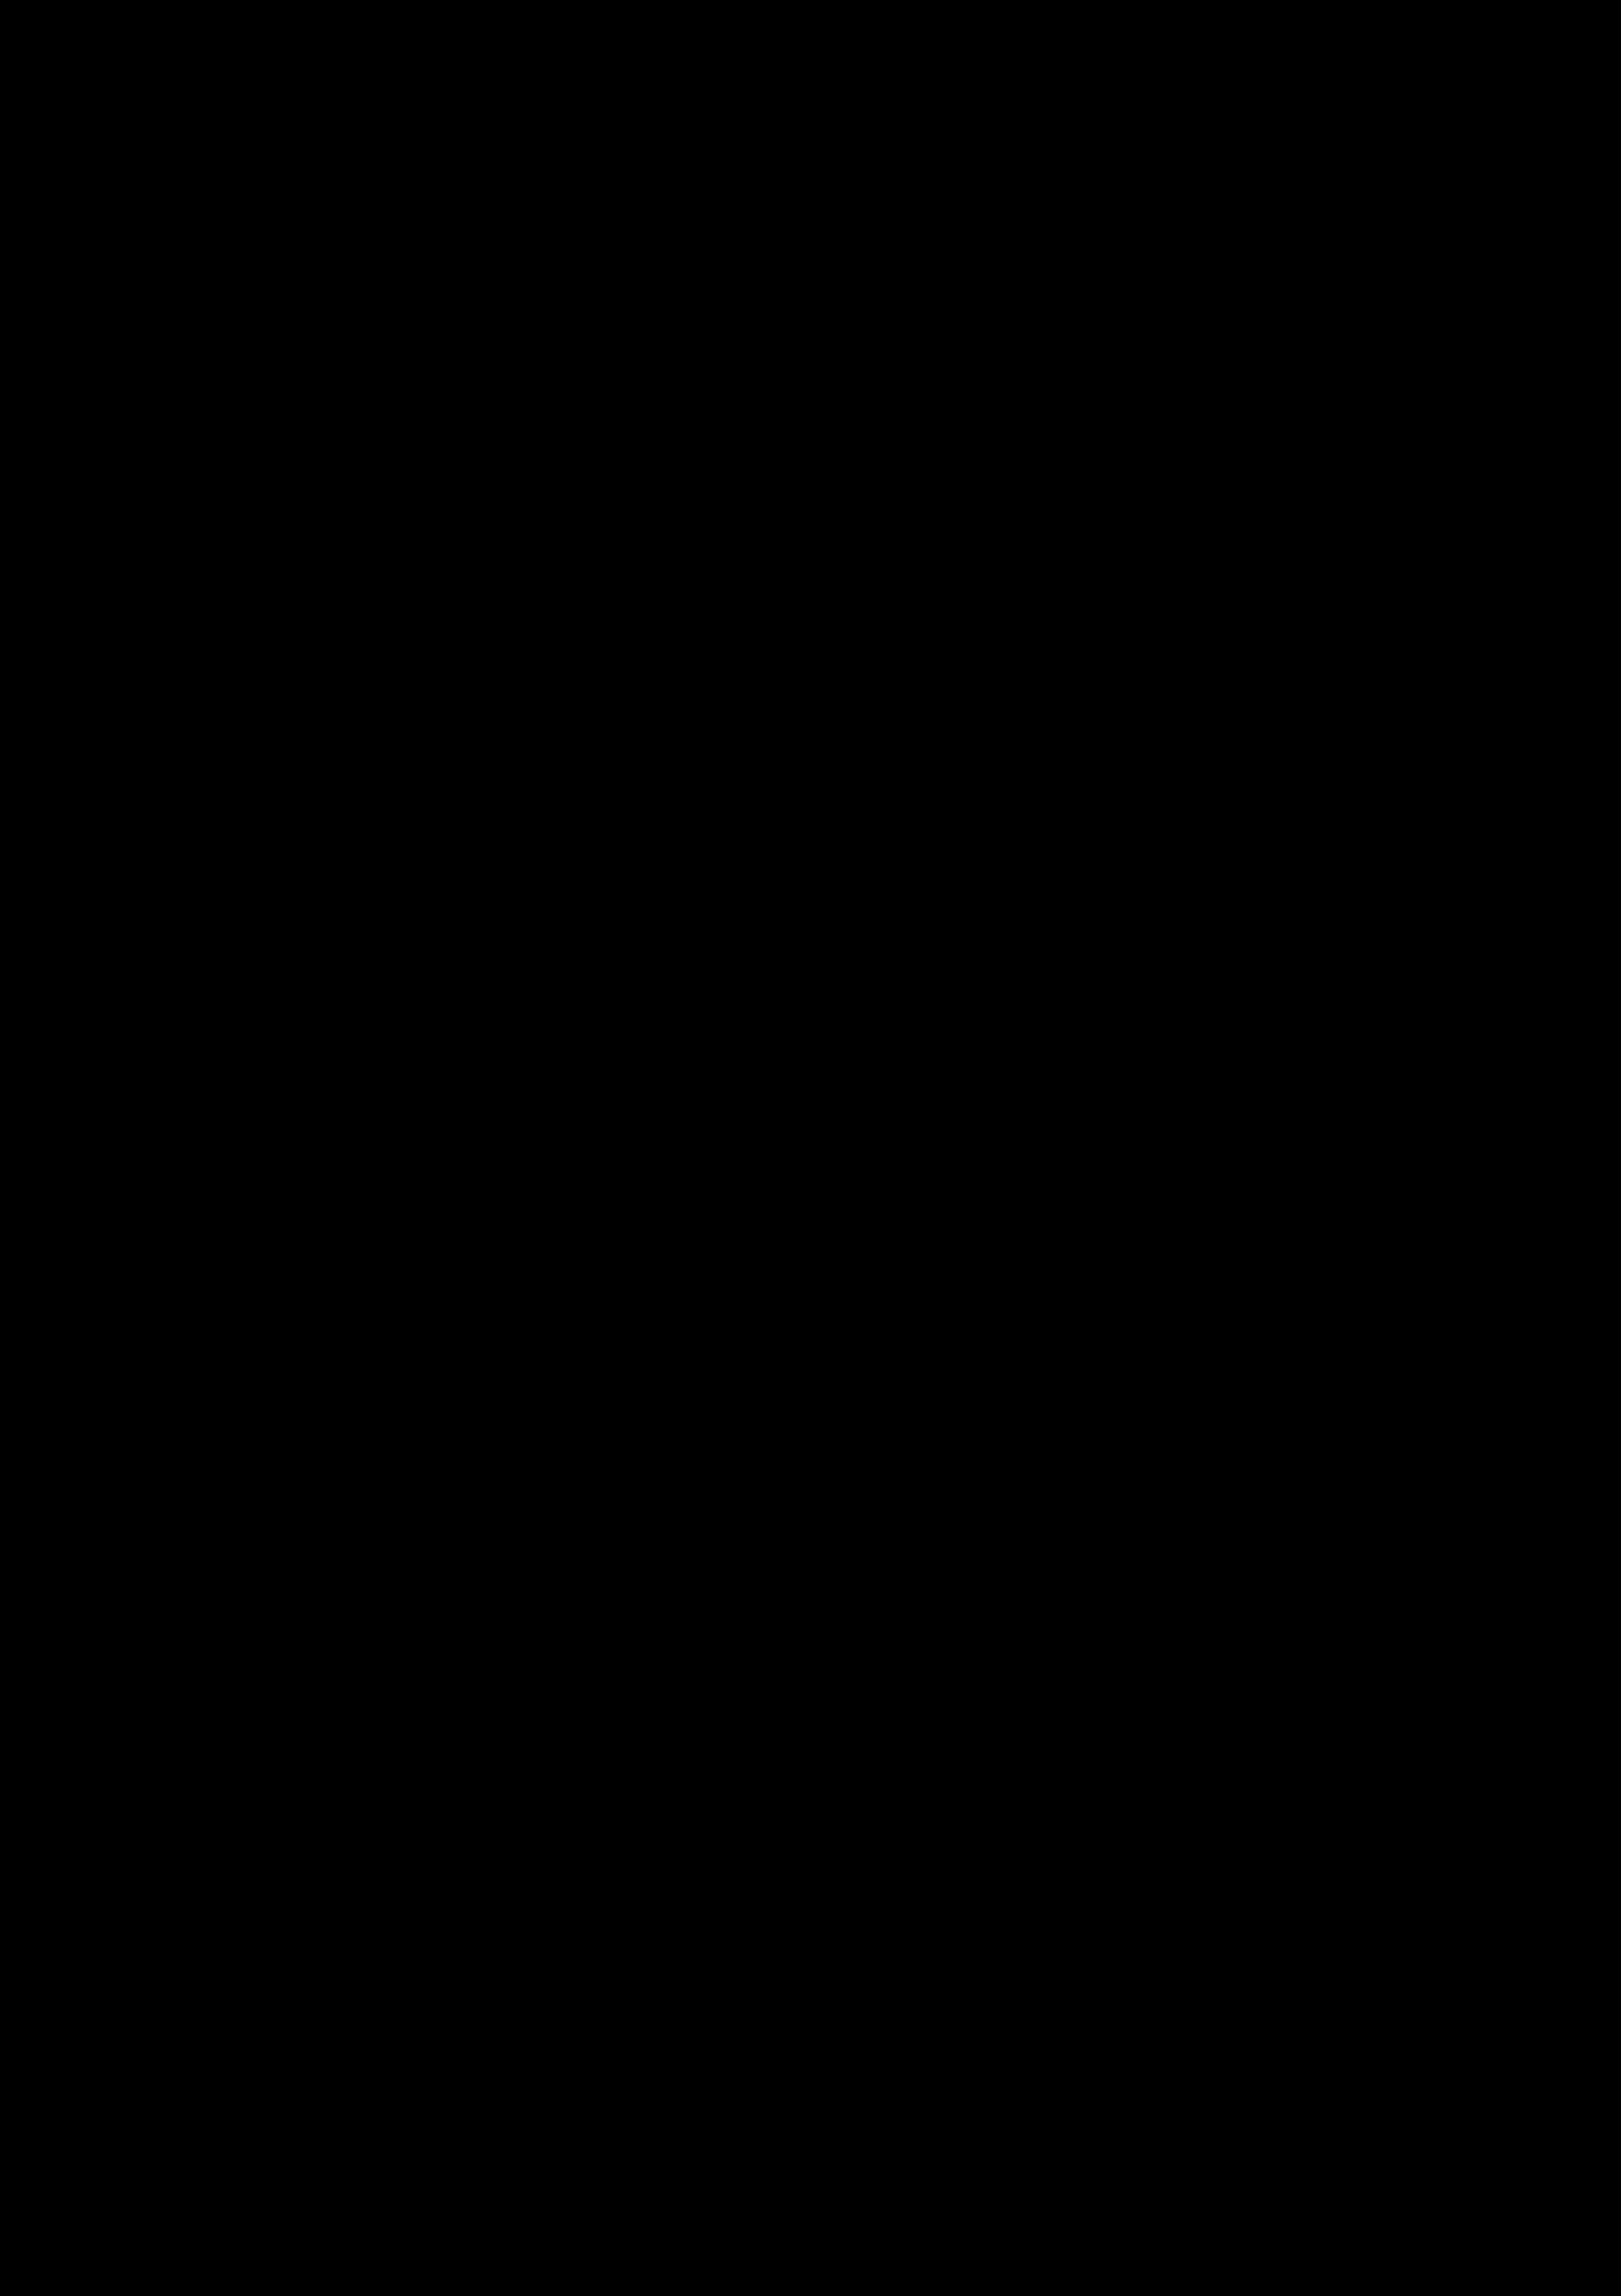 증평 여성취업한마당, 출발! 생생일자리 행사 개최 알림 [이미지]